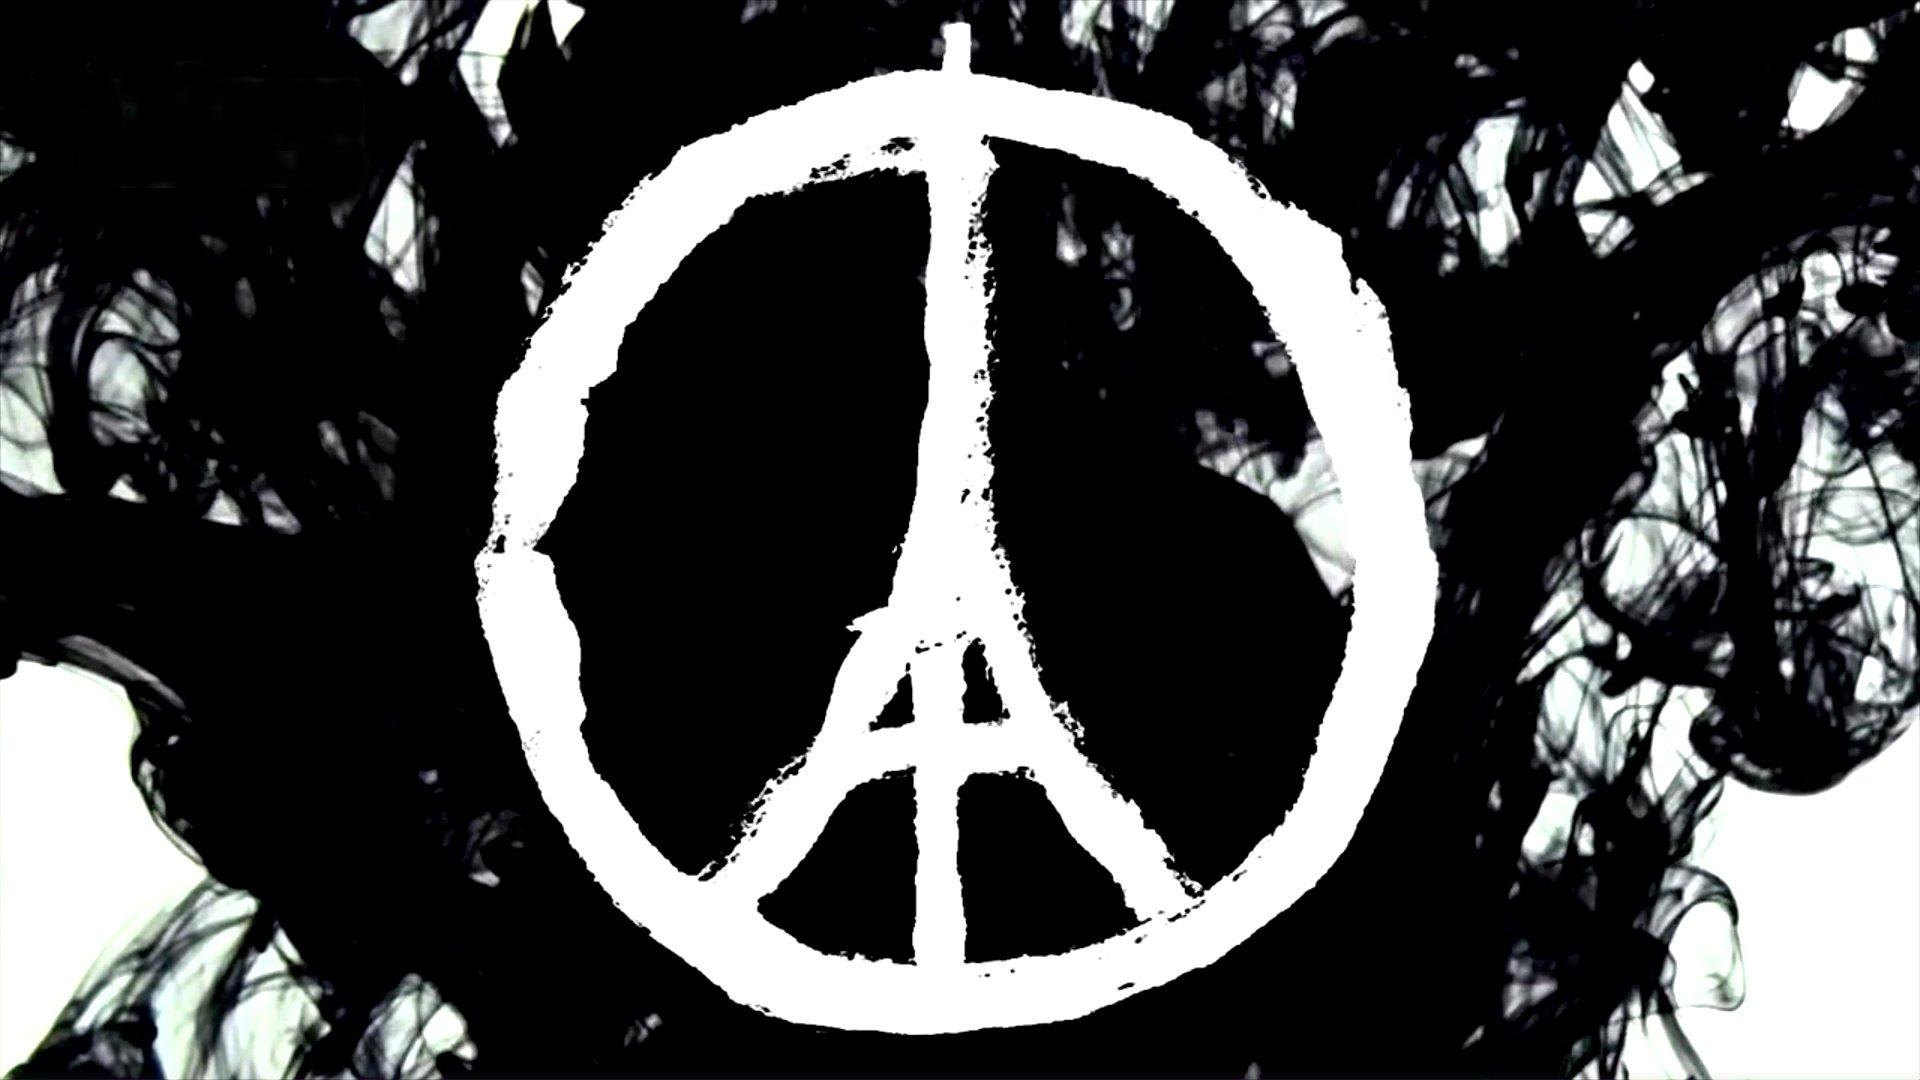 Netz-Reaktionen auf Paris-Terror, 2015